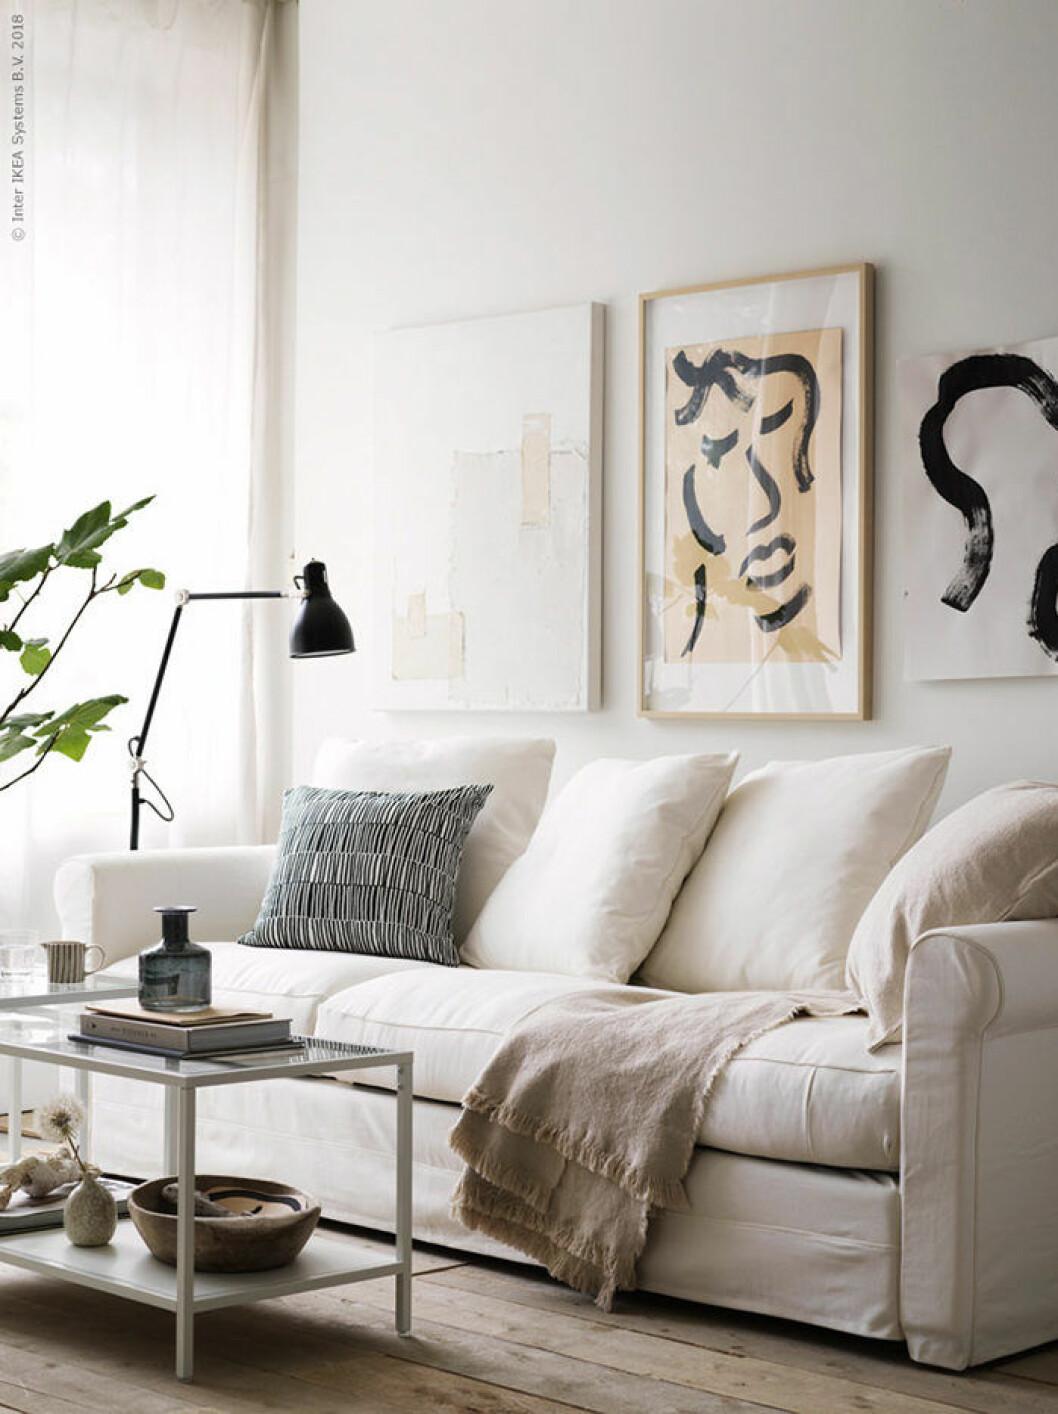 En golvlampa vid soffan i vardagsrummet lyser upp, här hos Ikea